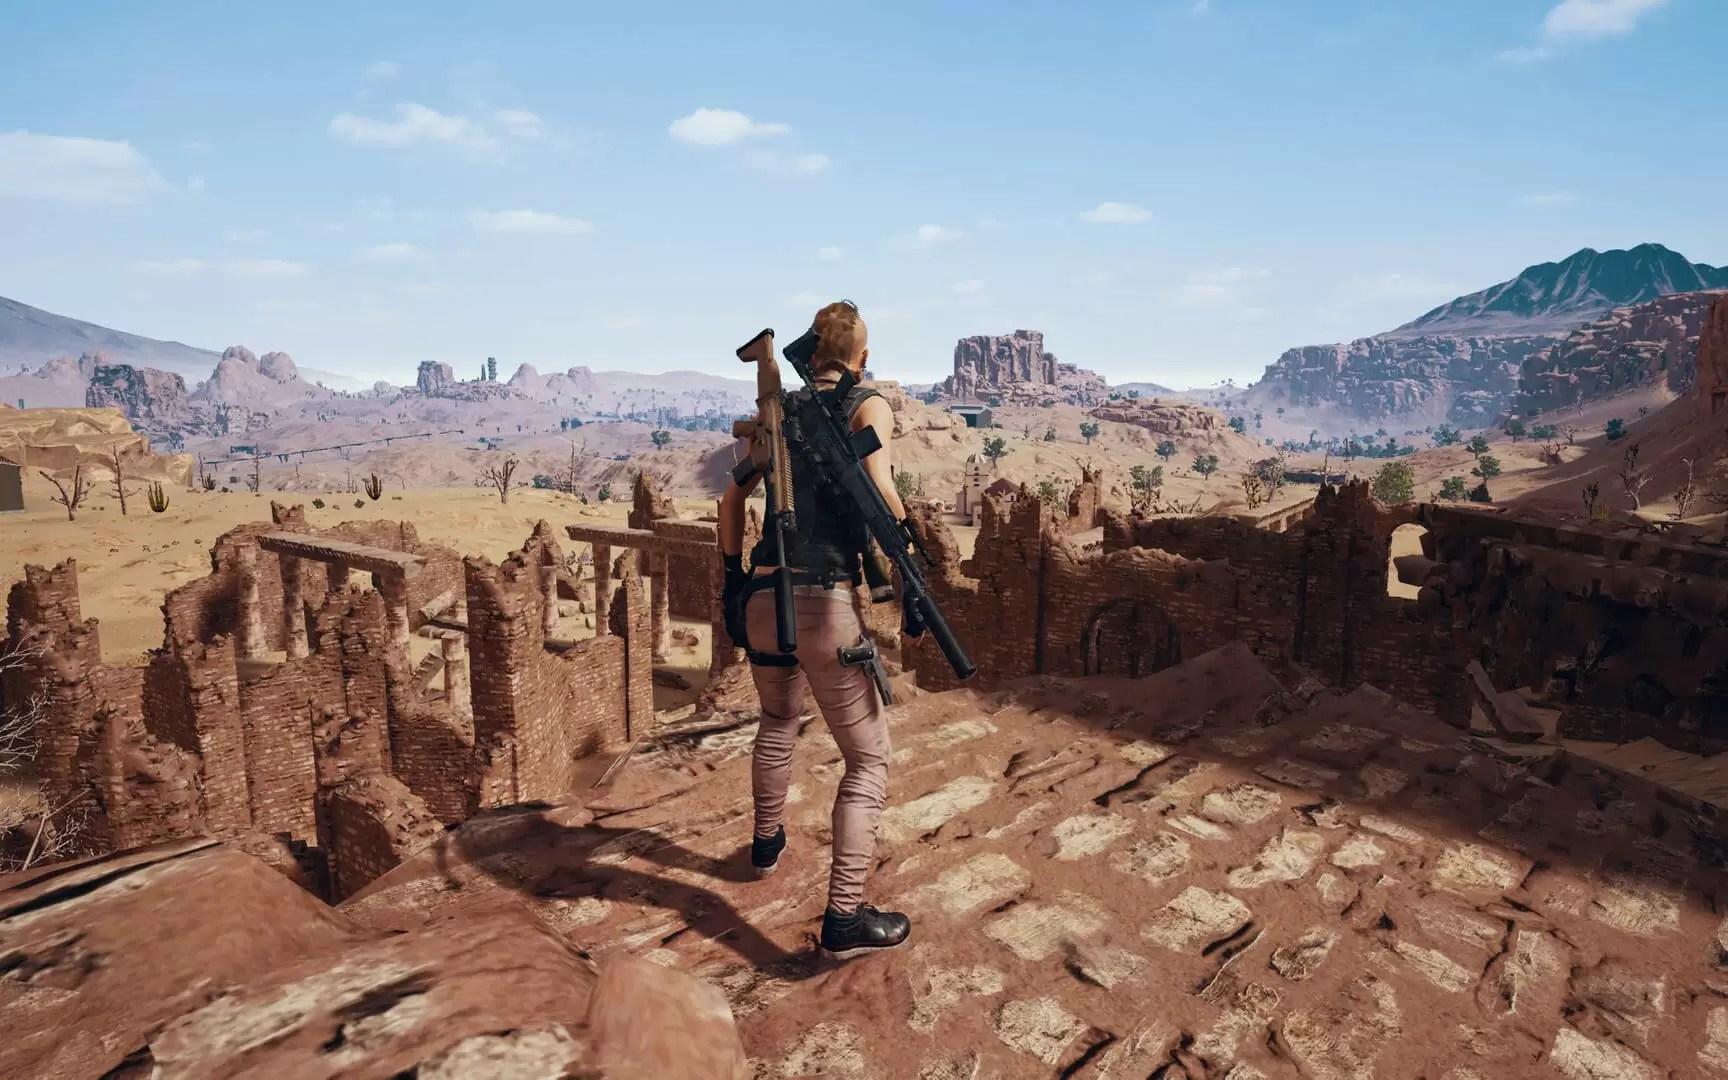 Da li je to Xbox potvrdio da je PUBG u pripremi za Playstation 4?